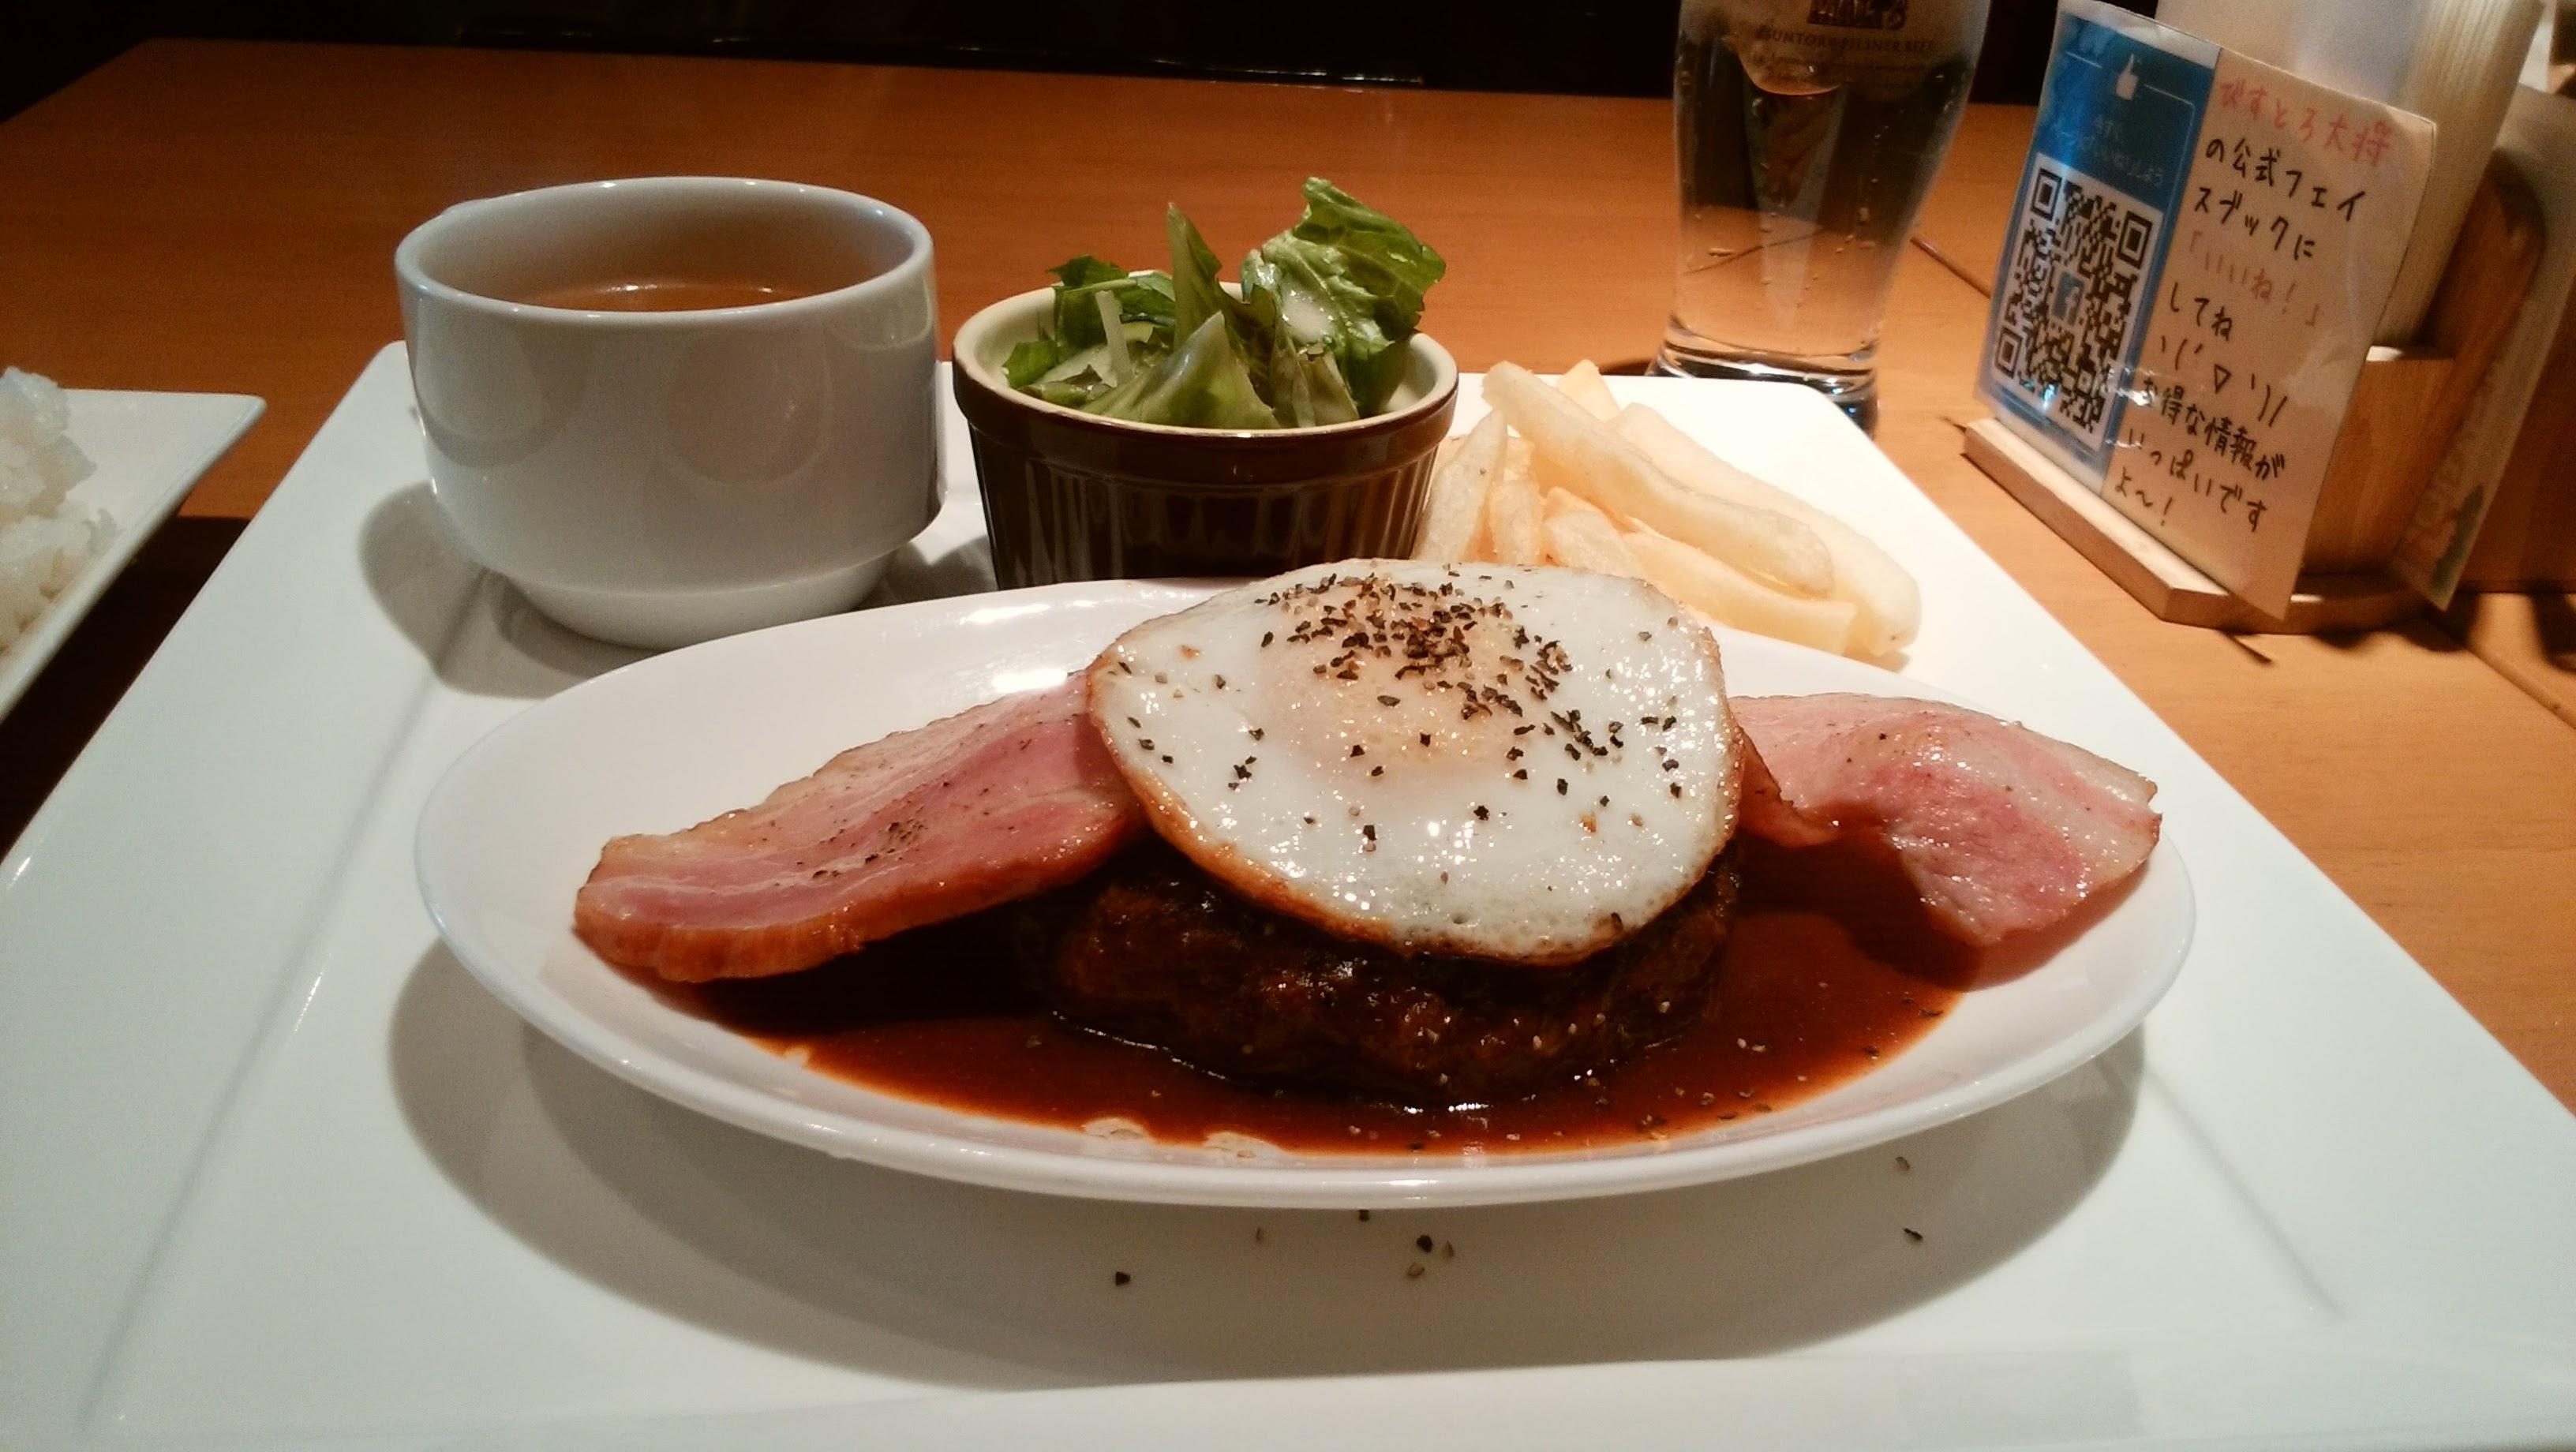 飯田橋ランチ ちょっと贅沢して「今日はお肉だ!」ということでハンバーグを食べました